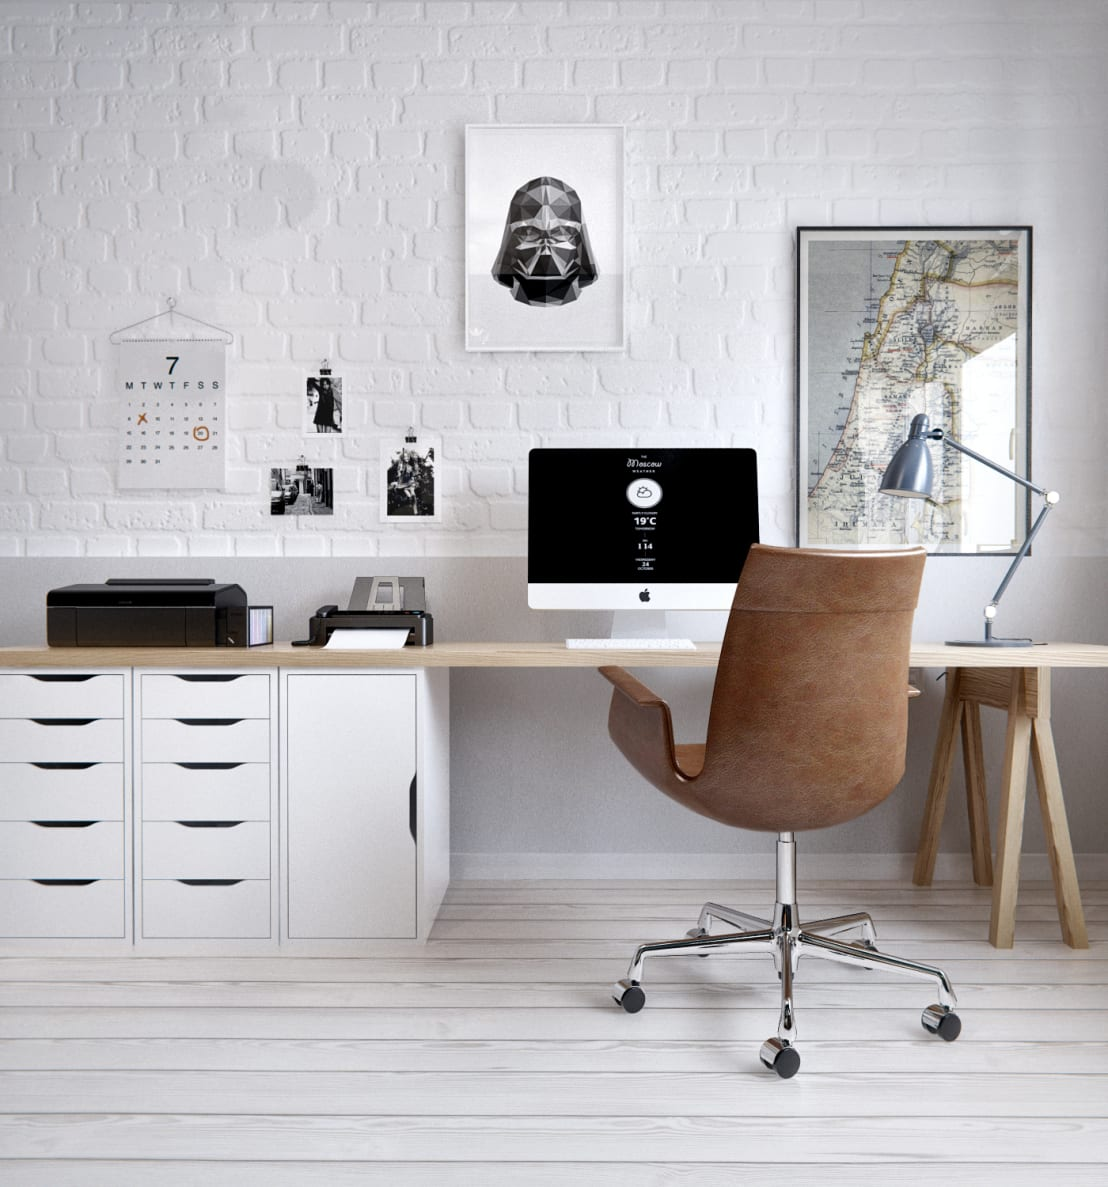 die besten tipps um im homeoffice die produktivit t zu steigern. Black Bedroom Furniture Sets. Home Design Ideas